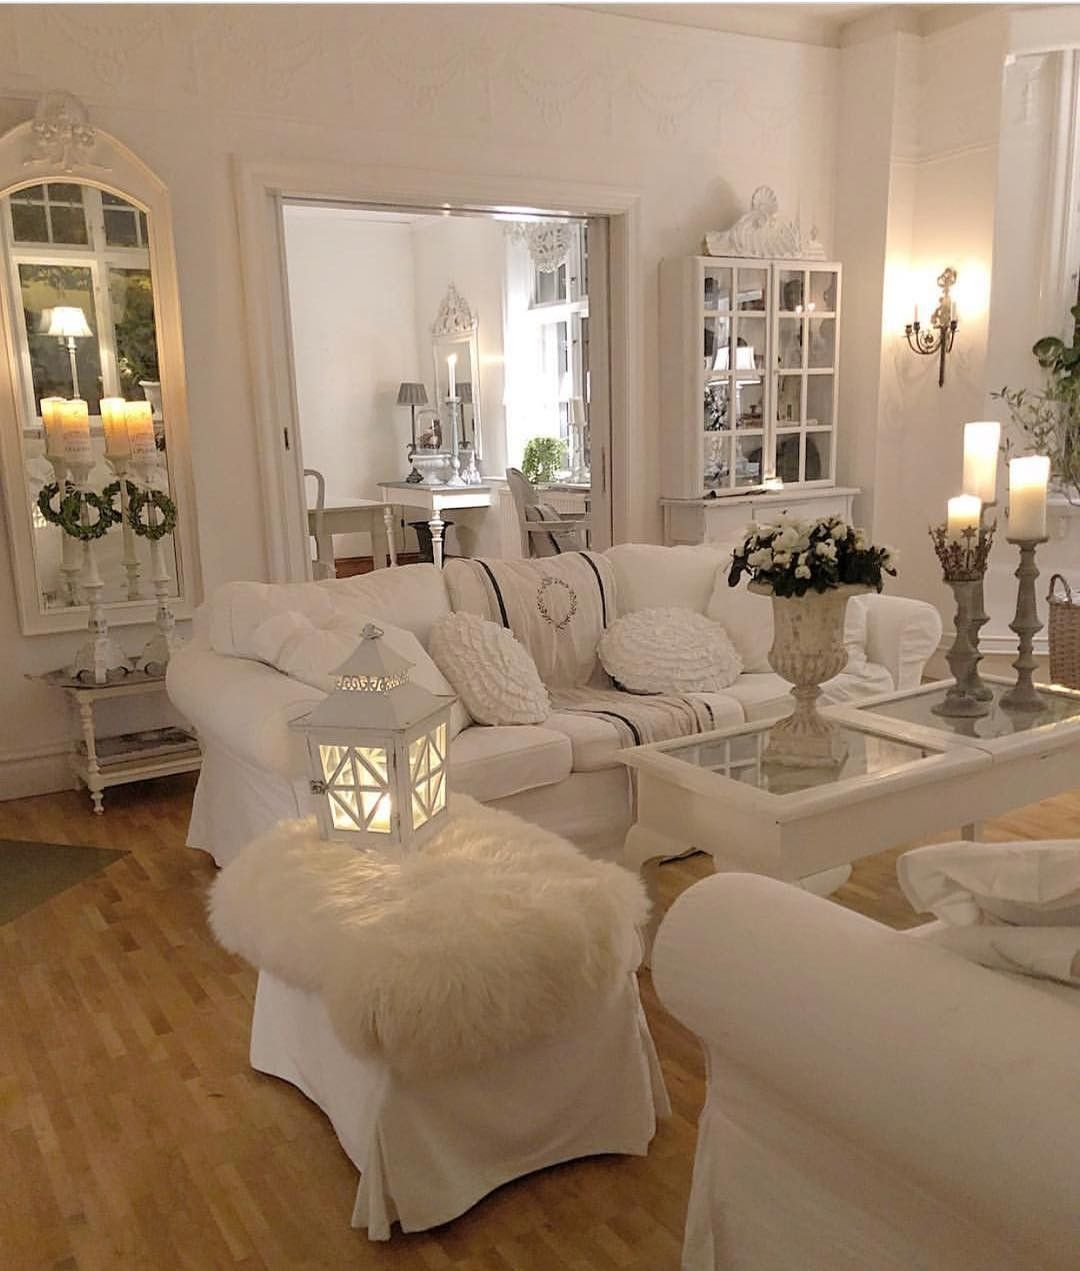 Deco inrerieure  Décoration salon séjour, Decor salon maison